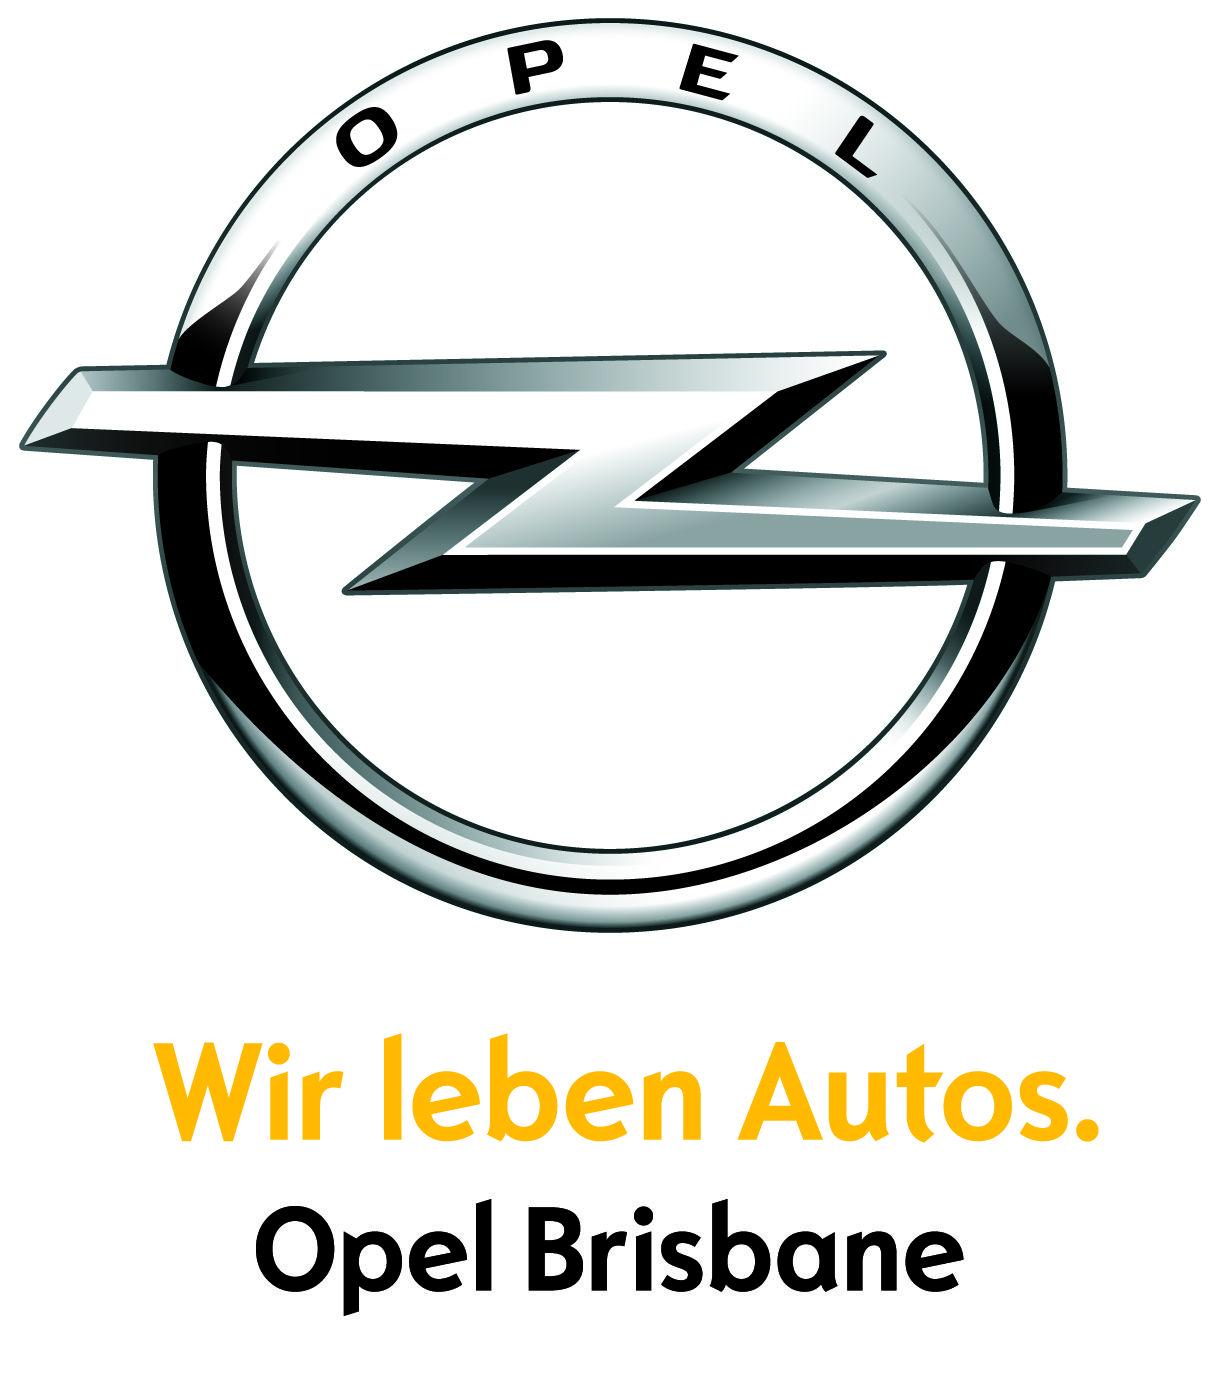 Our Business partner Brisbane Opel brisbaneopel